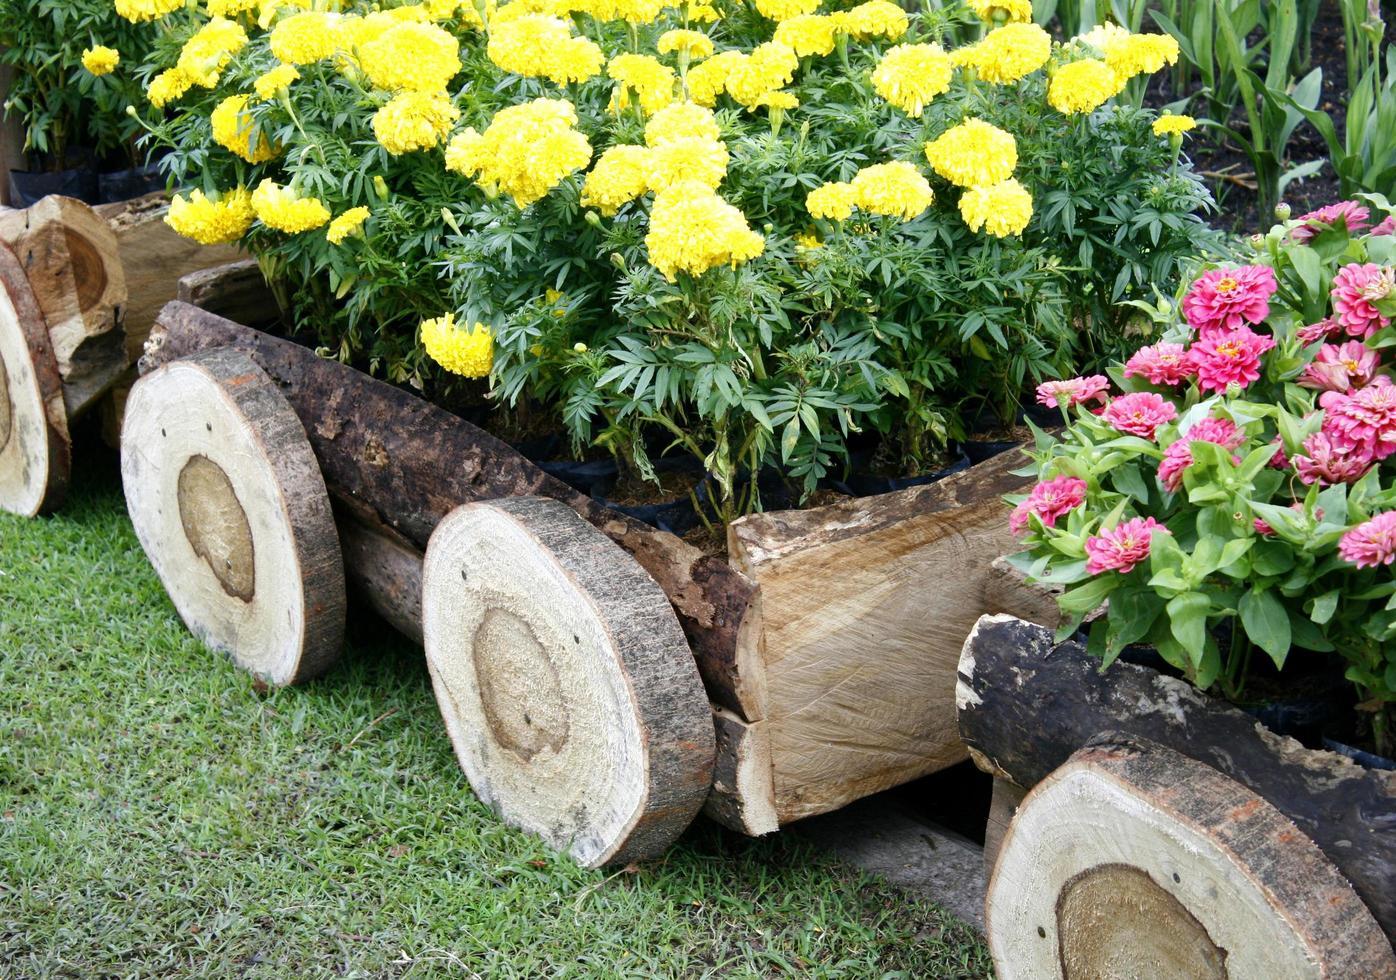 gelbe Blumen in einem Holzwagen foto